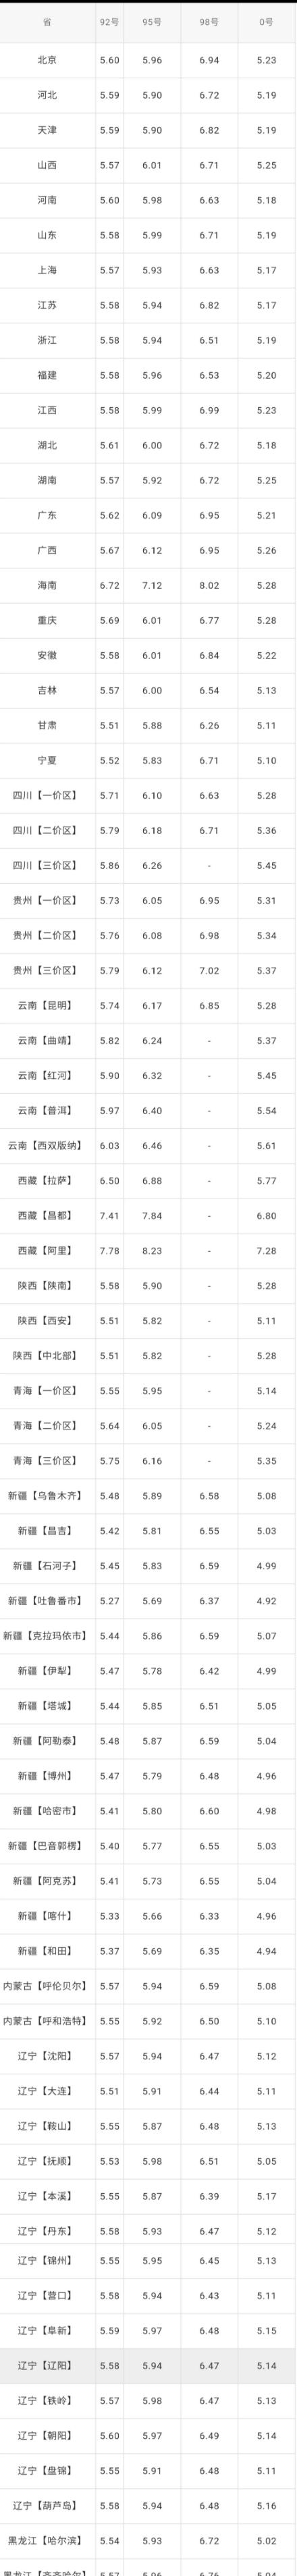 全国油价调整信息:7月9日调整后:全国92、95号汽油价格表